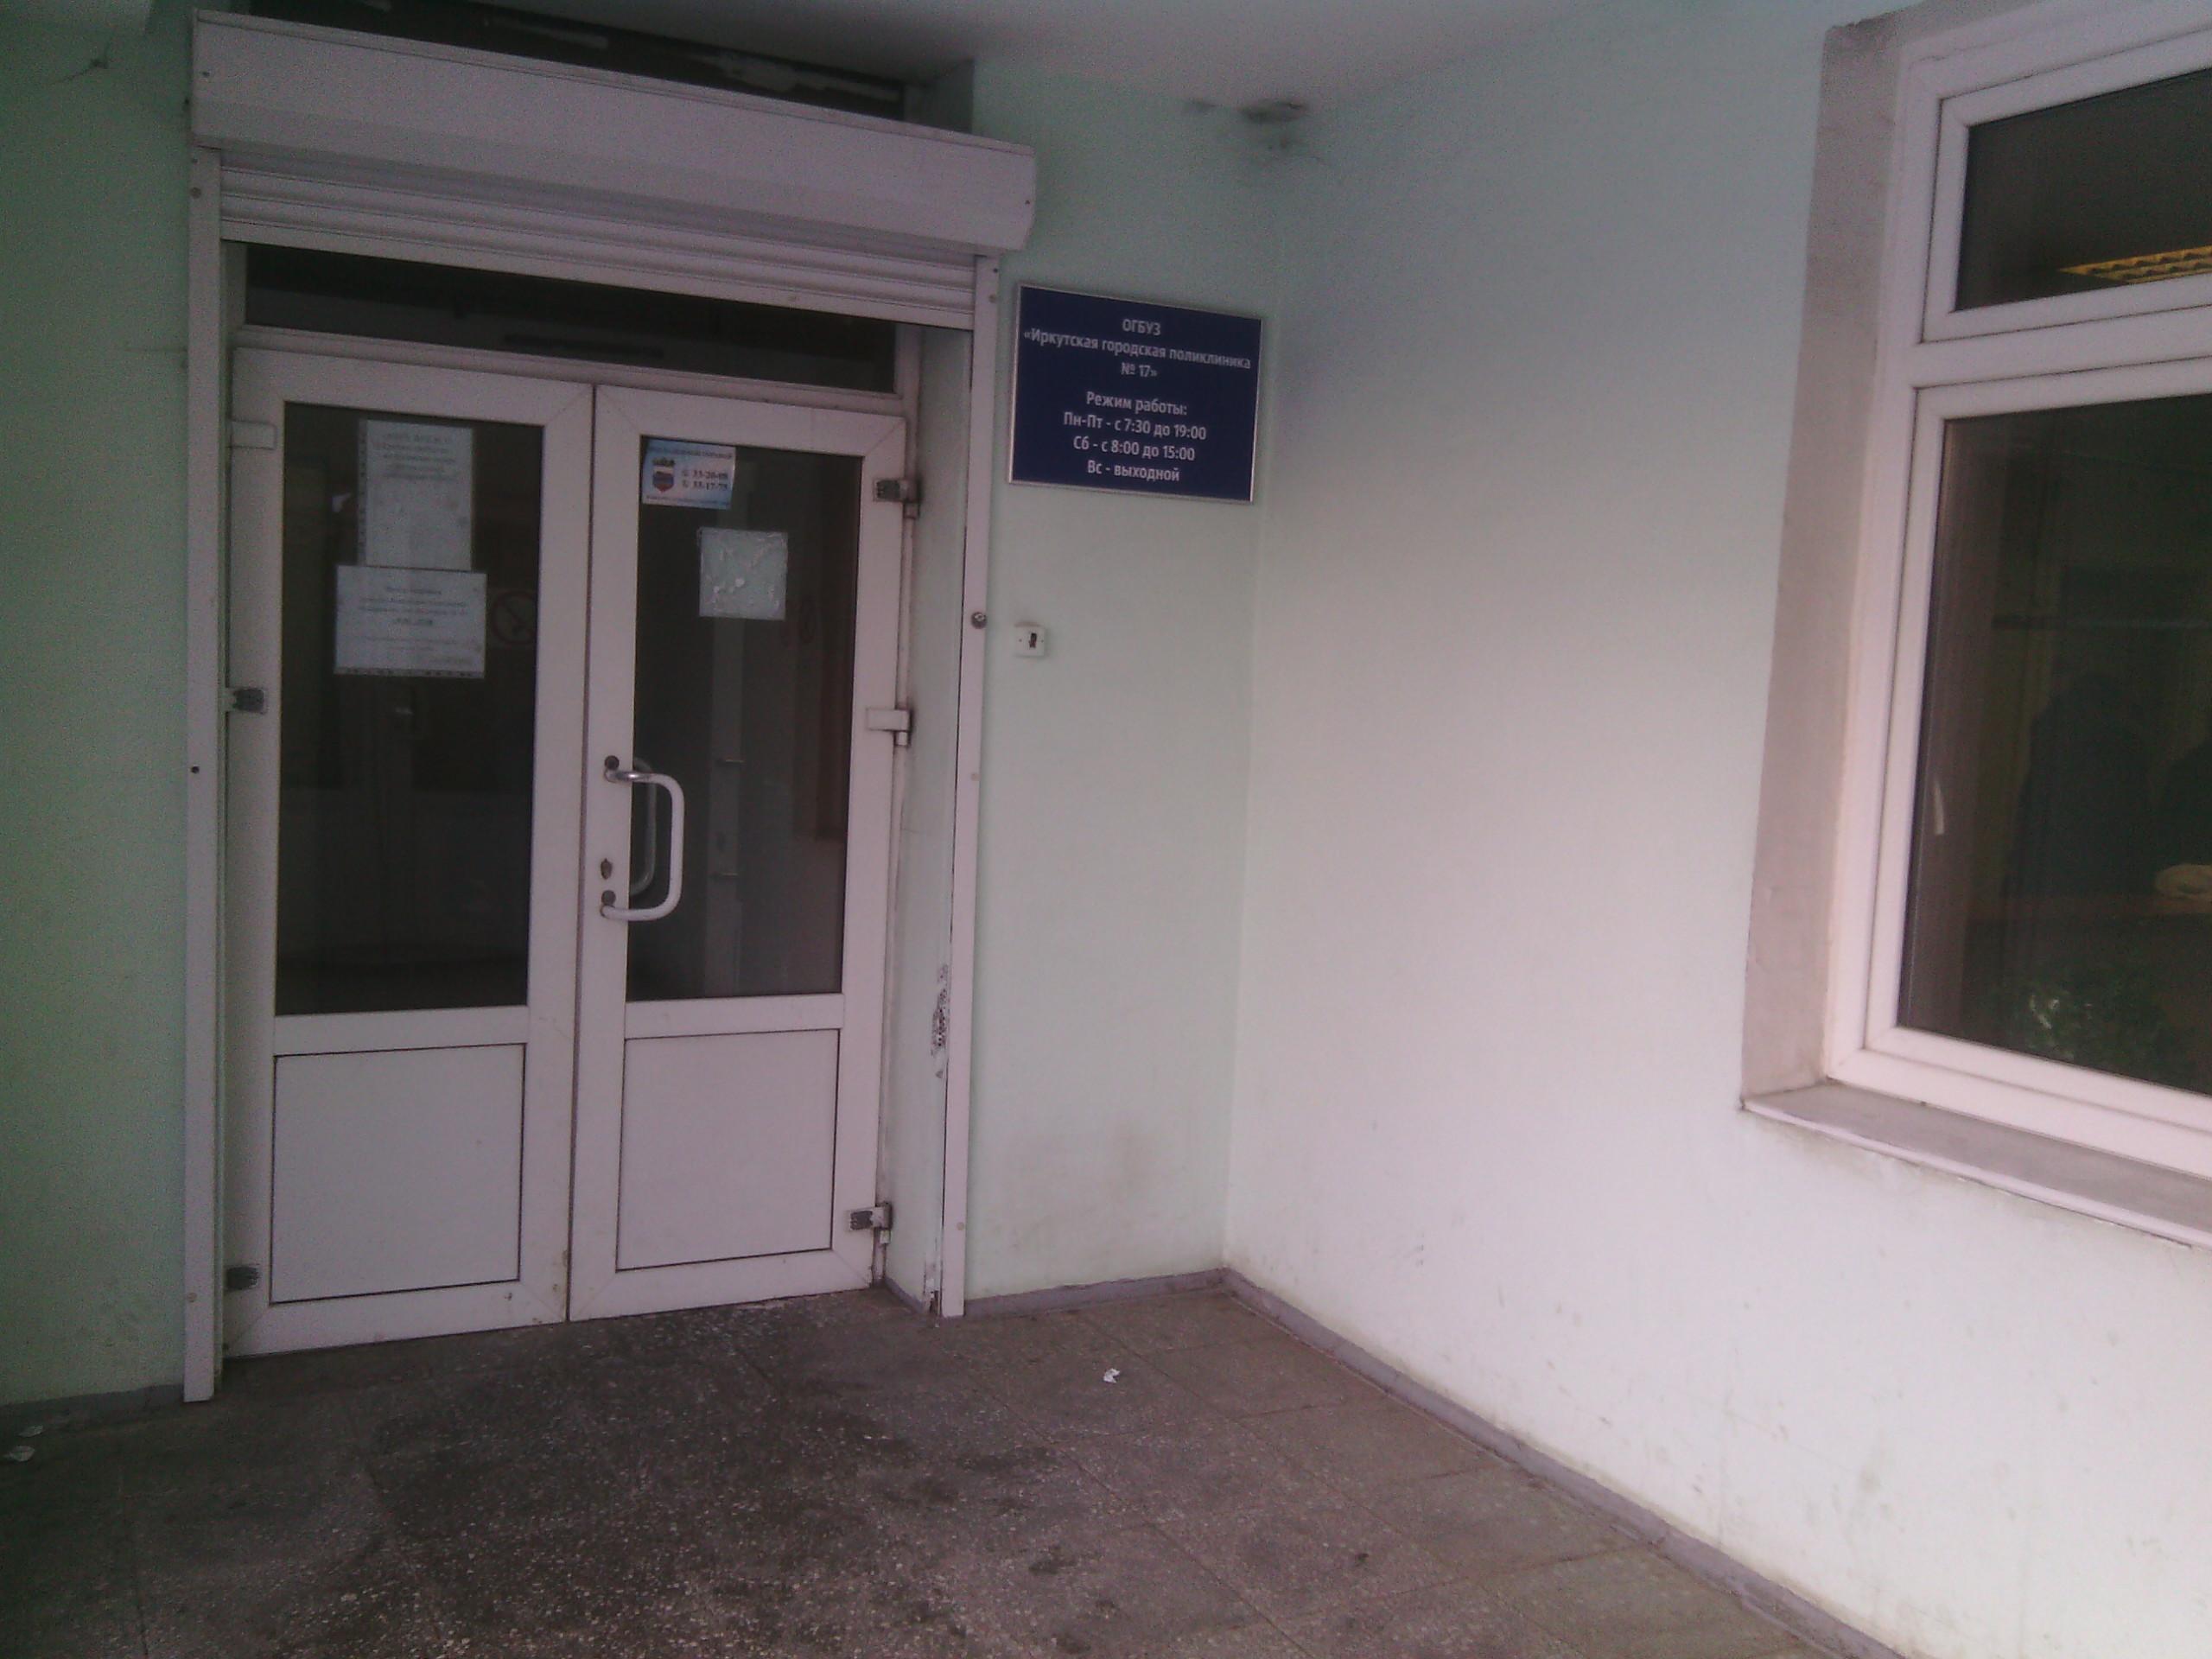 Воткинск поликлиника 2 записаться